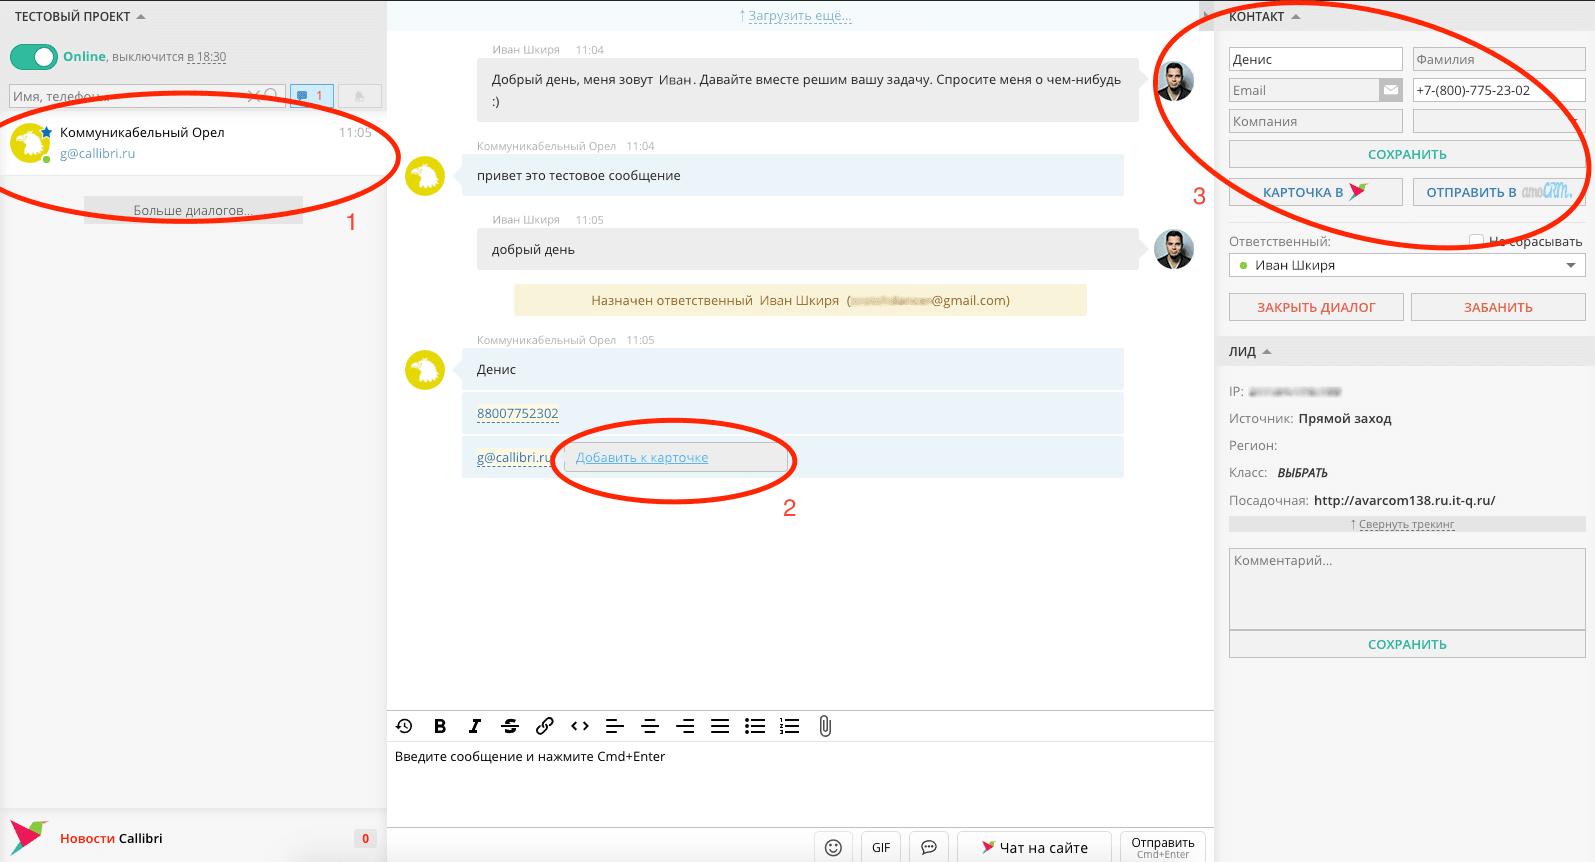 Уточните контактные данные у анонимных пользователей и заполните карточку